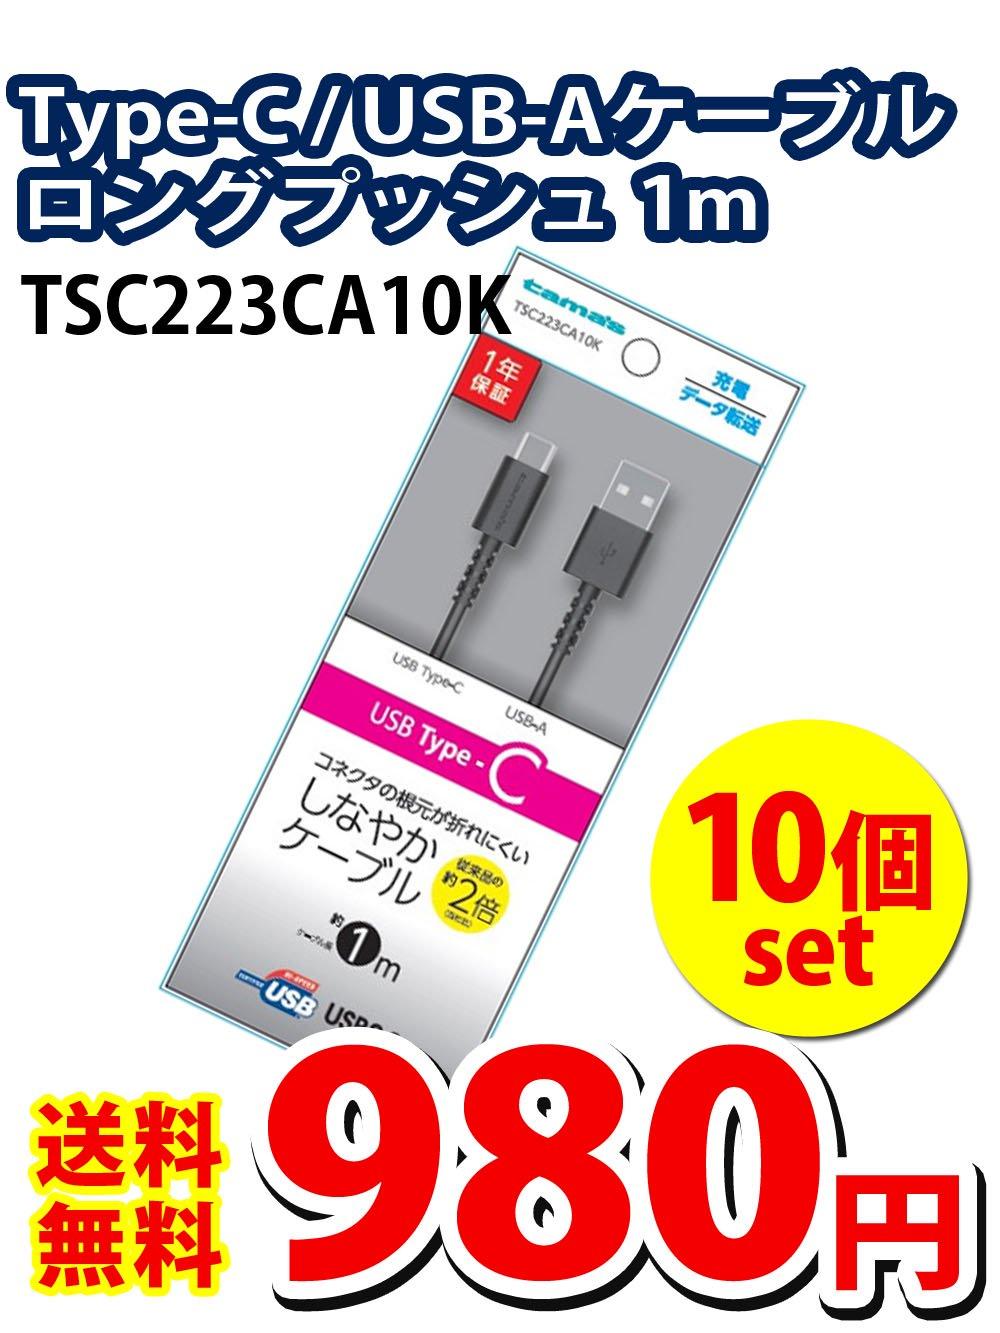 【送料無料】TTSC223CA10K C-USBA 1M BK【10個セット】980円